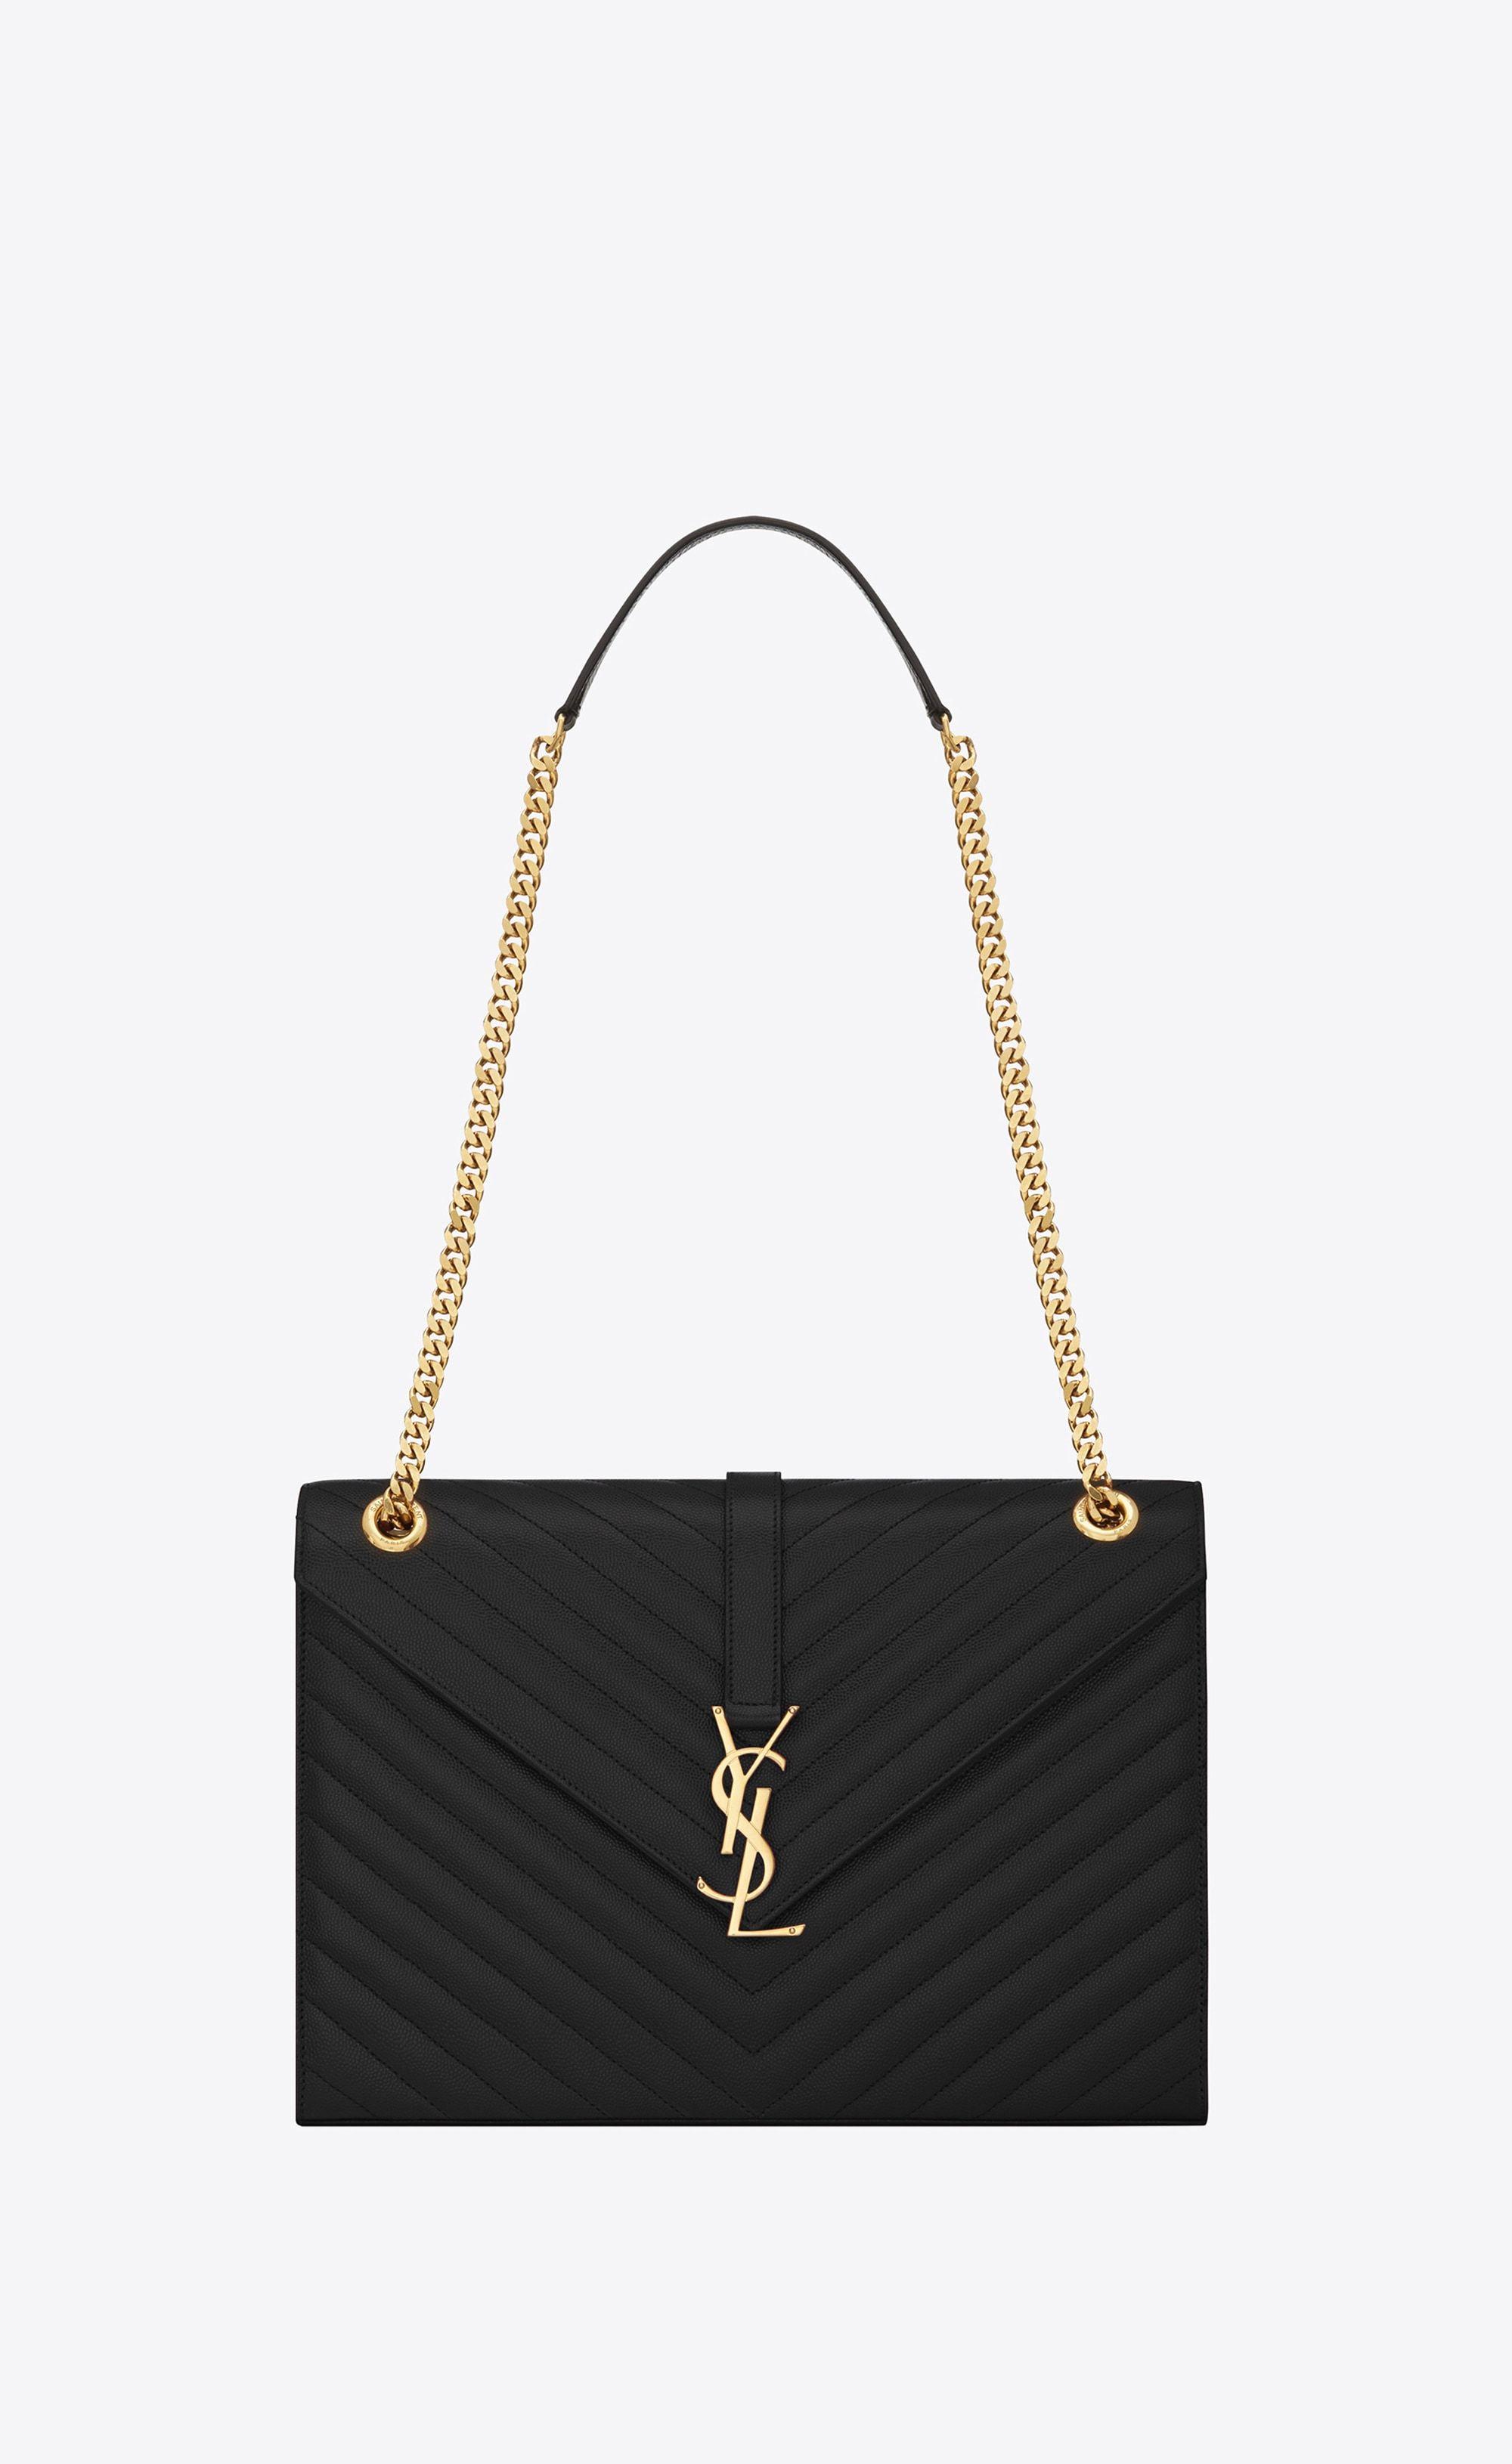 Saint Laurent Large Envelope Chain Bag In Black Textured Matelassé Leather   976639a66bfa4